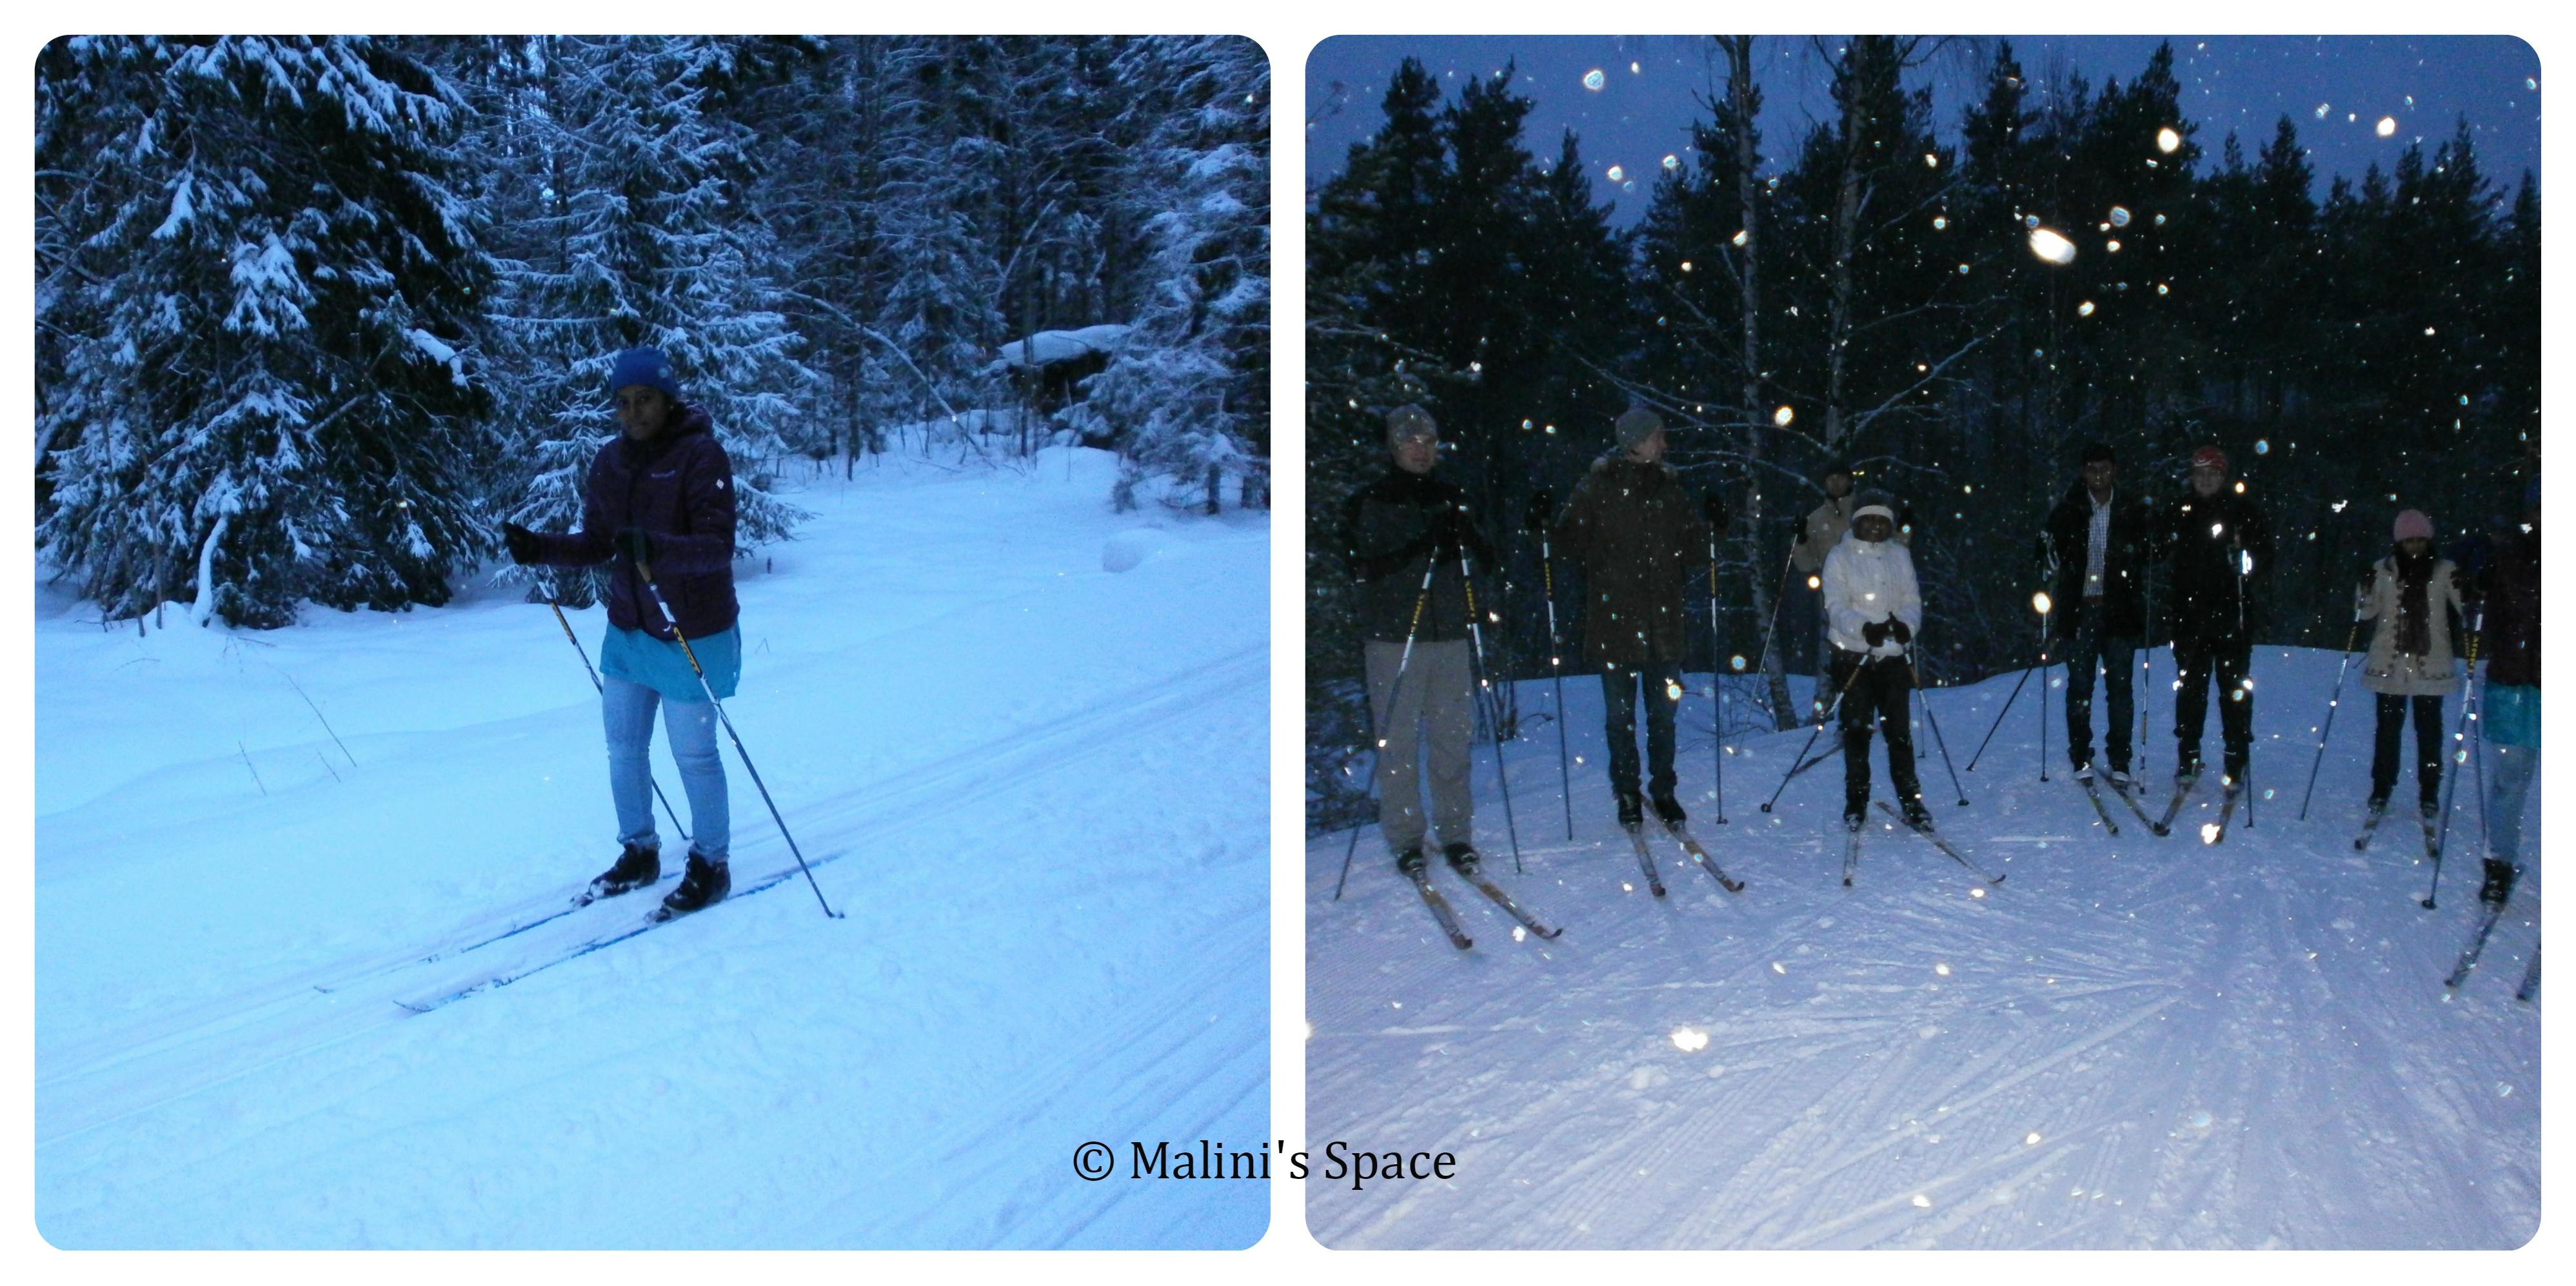 Skiing at Helsinki